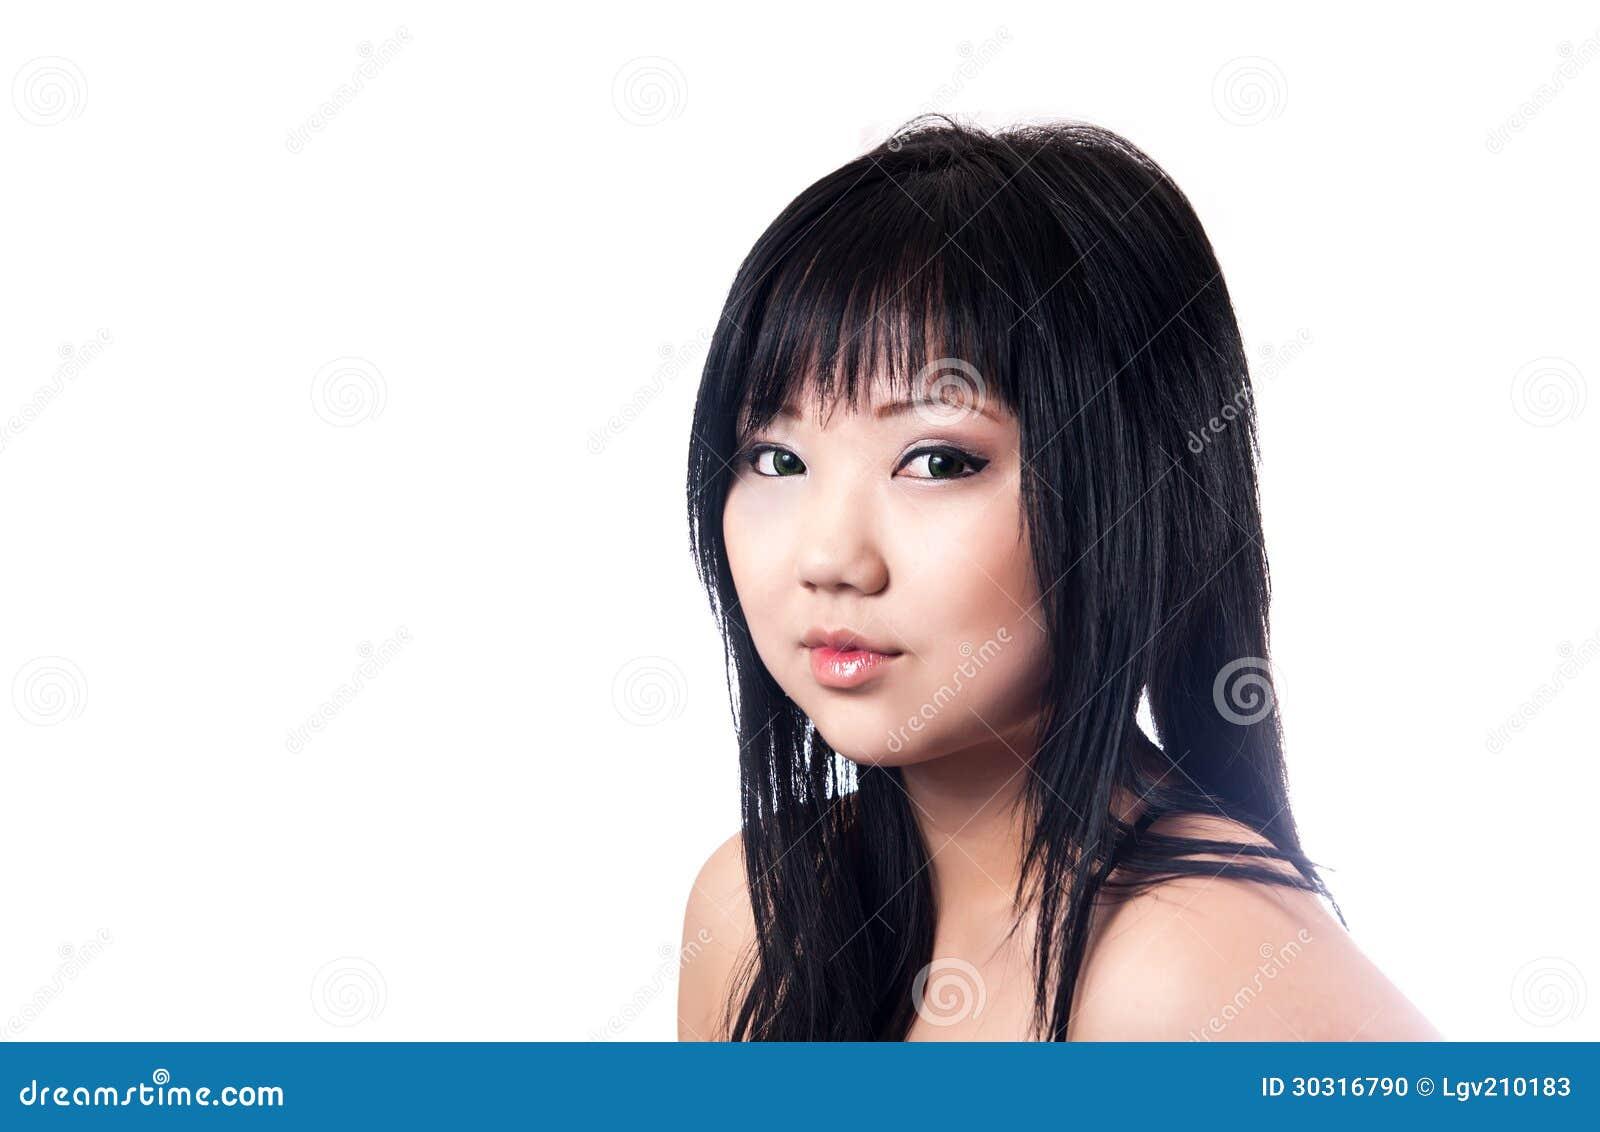 16 Years Girl Stock Photo Image 30316790